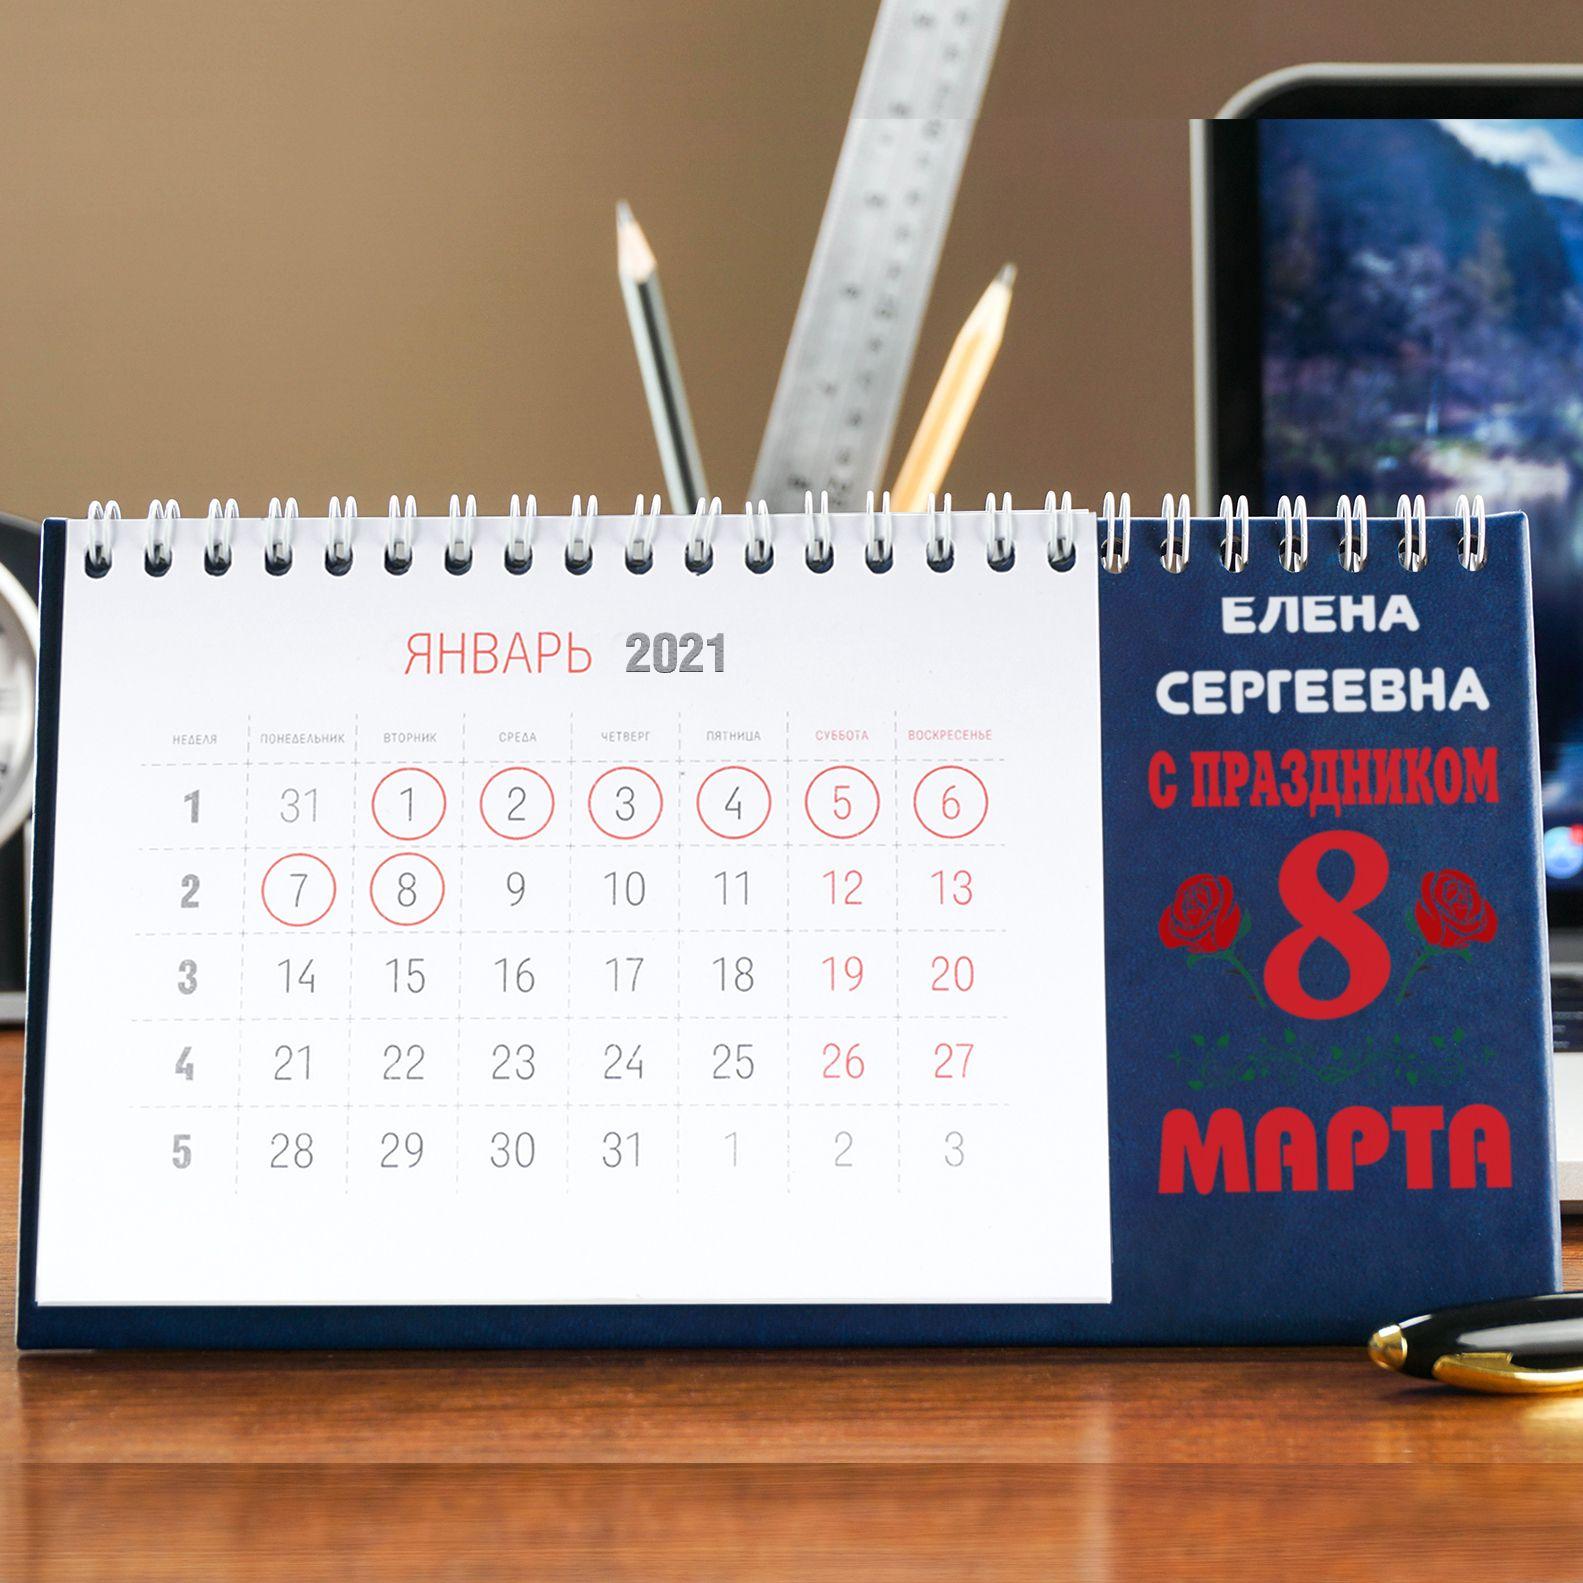 Именной календарь 8 марта на 2021 год